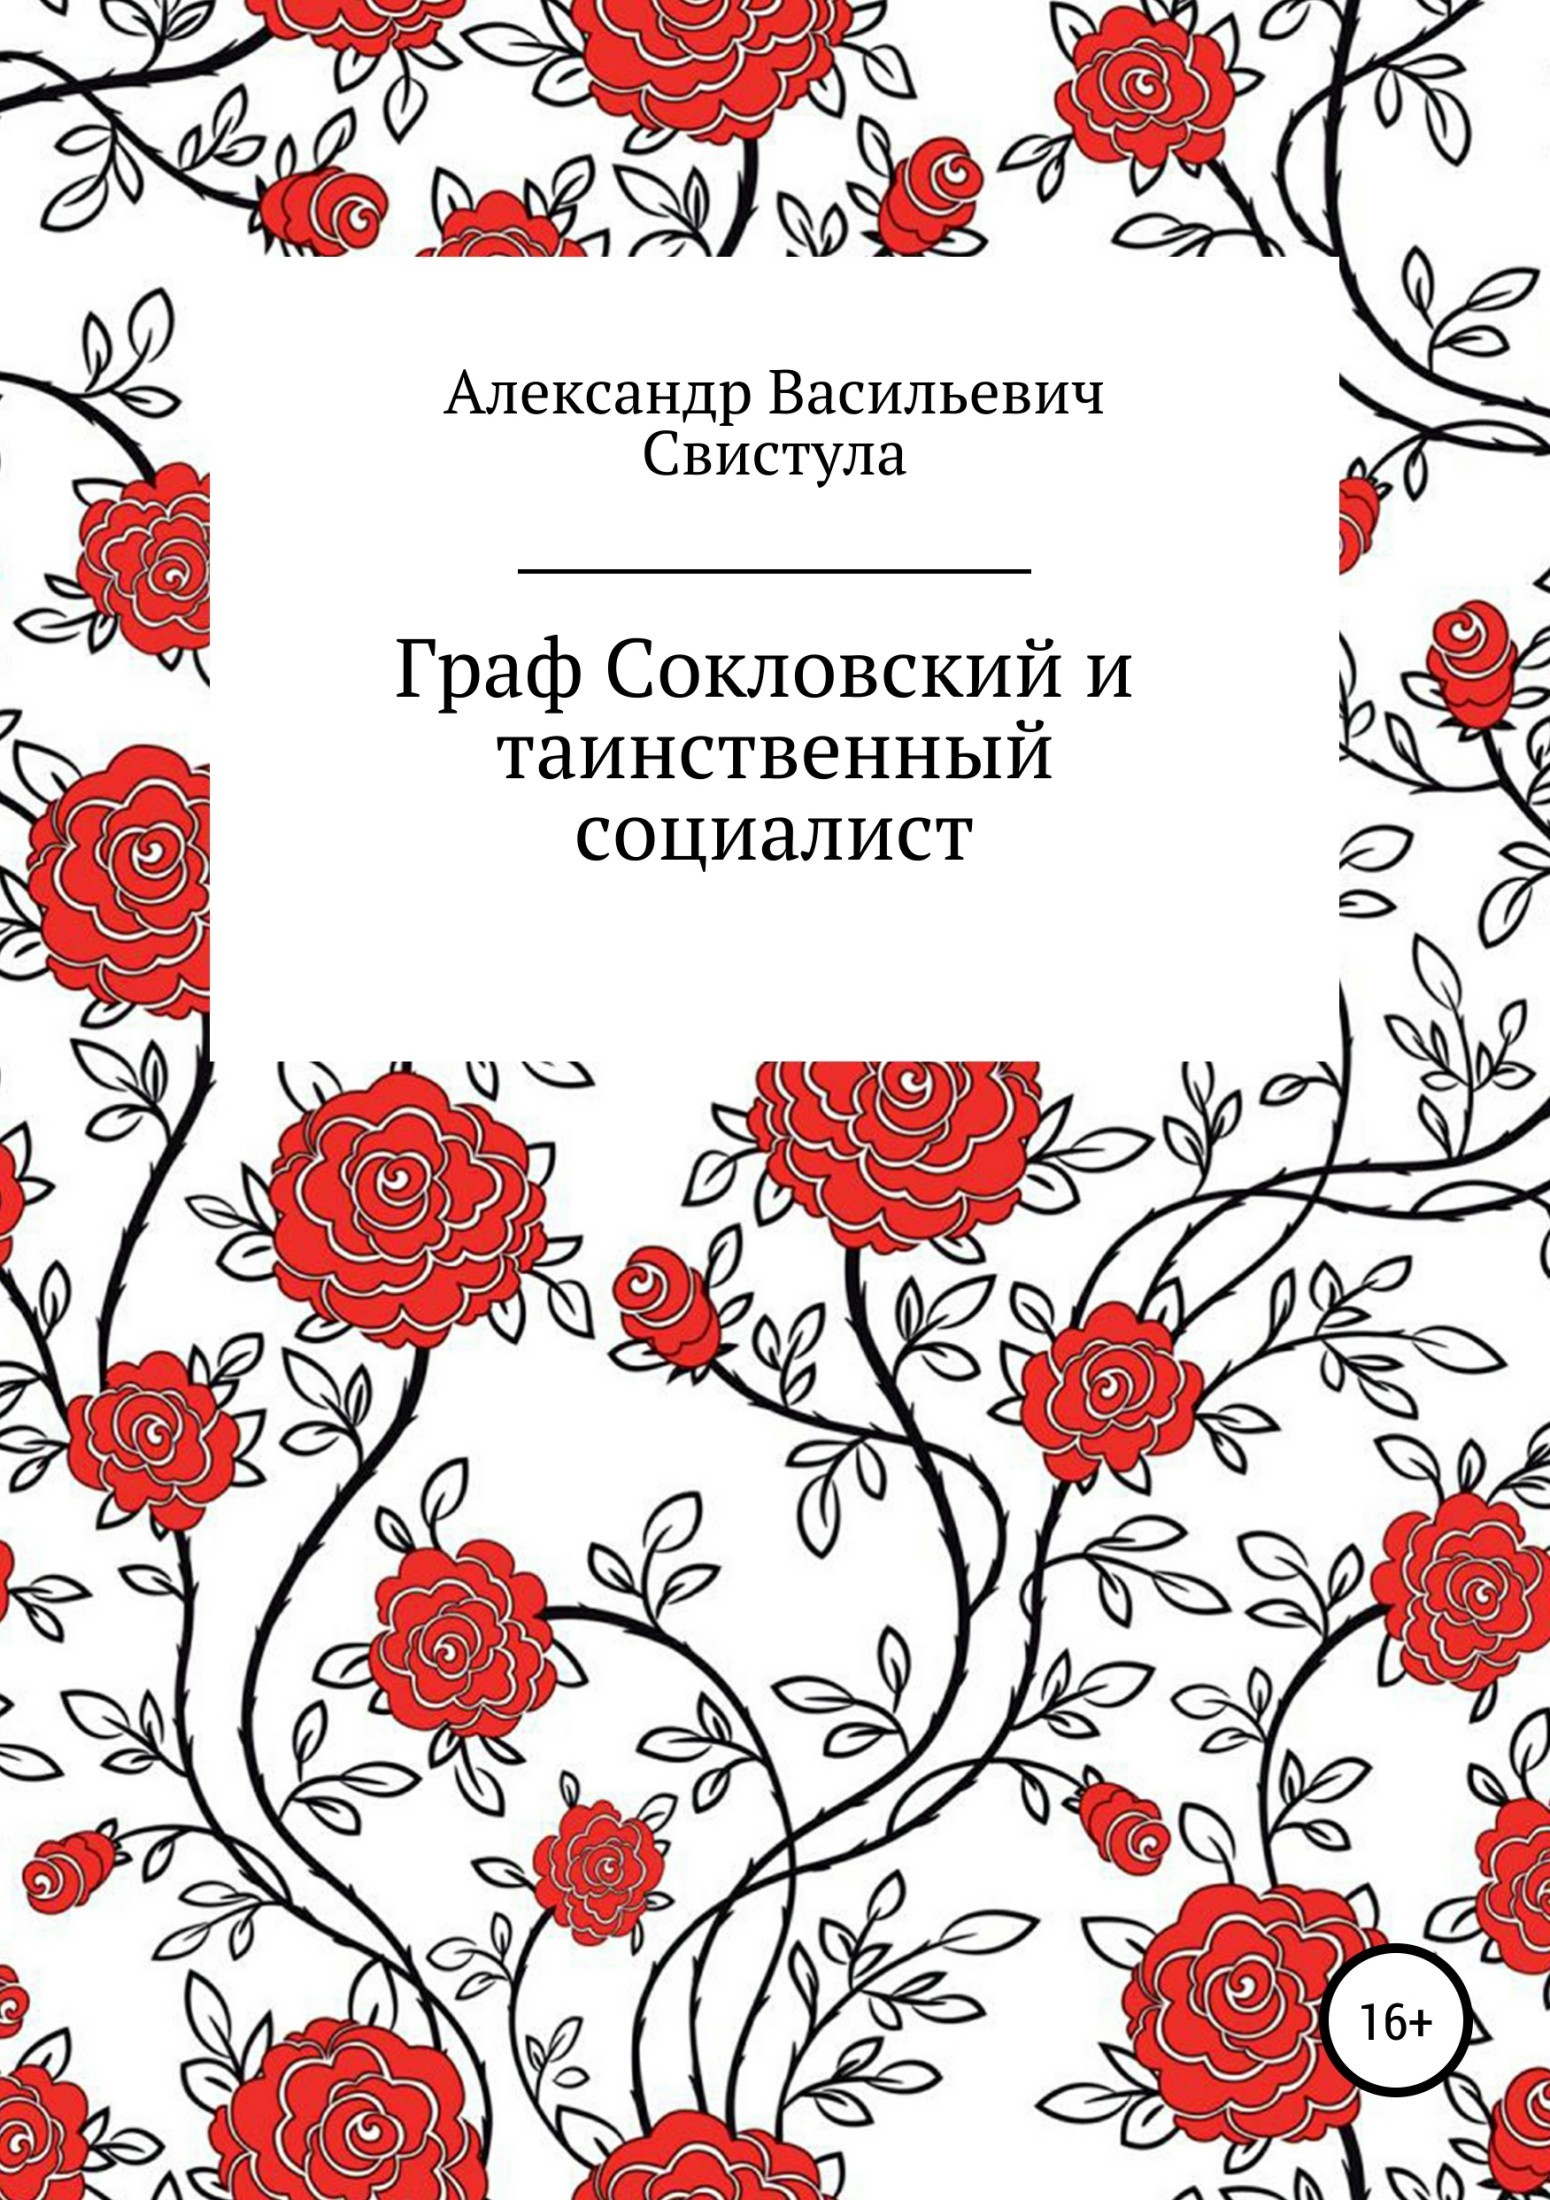 Граф Соколовский и таинственный социалист